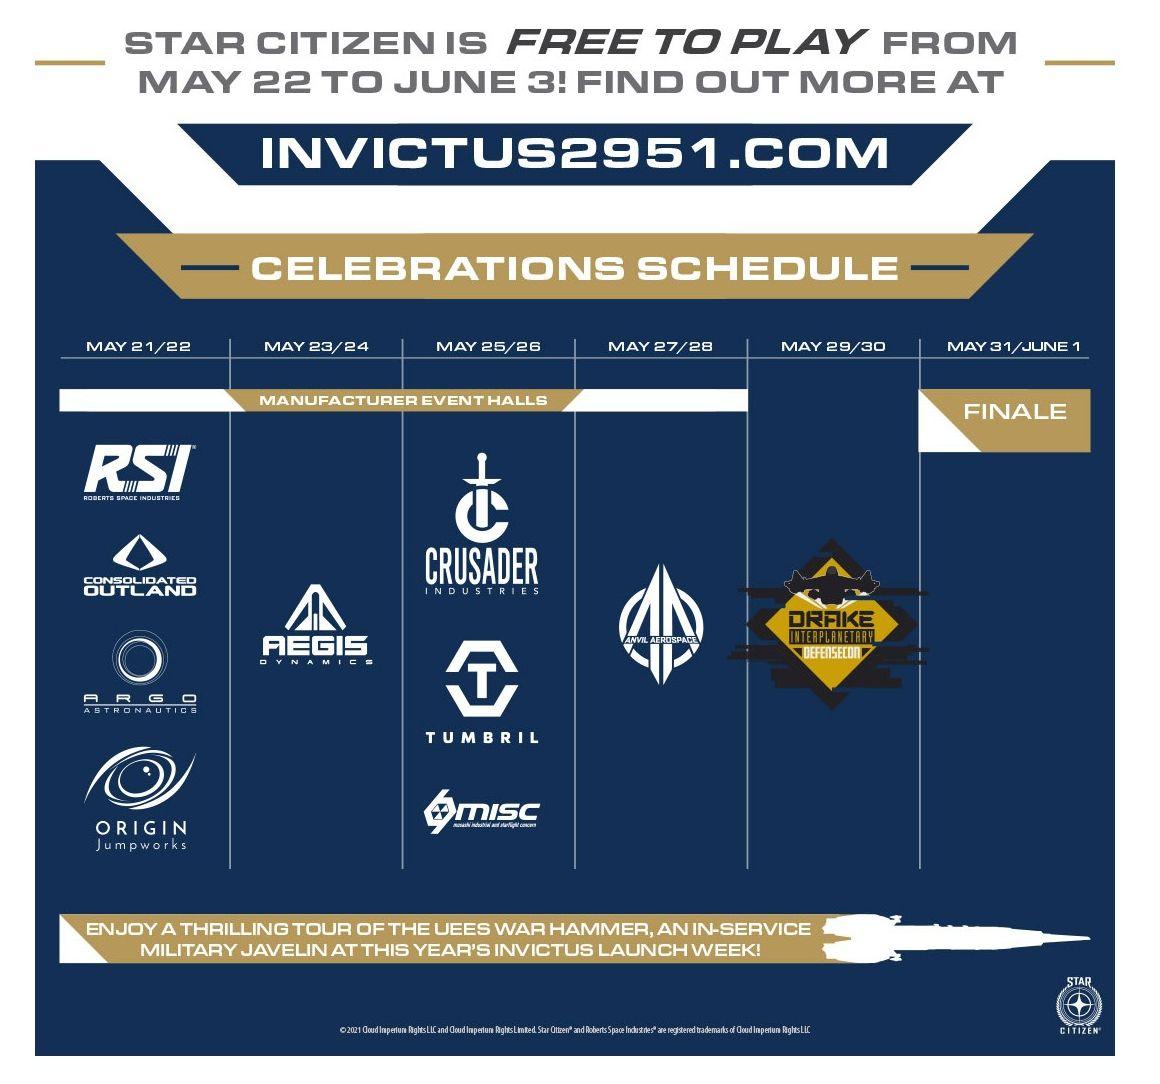 Star Citizen Invictus